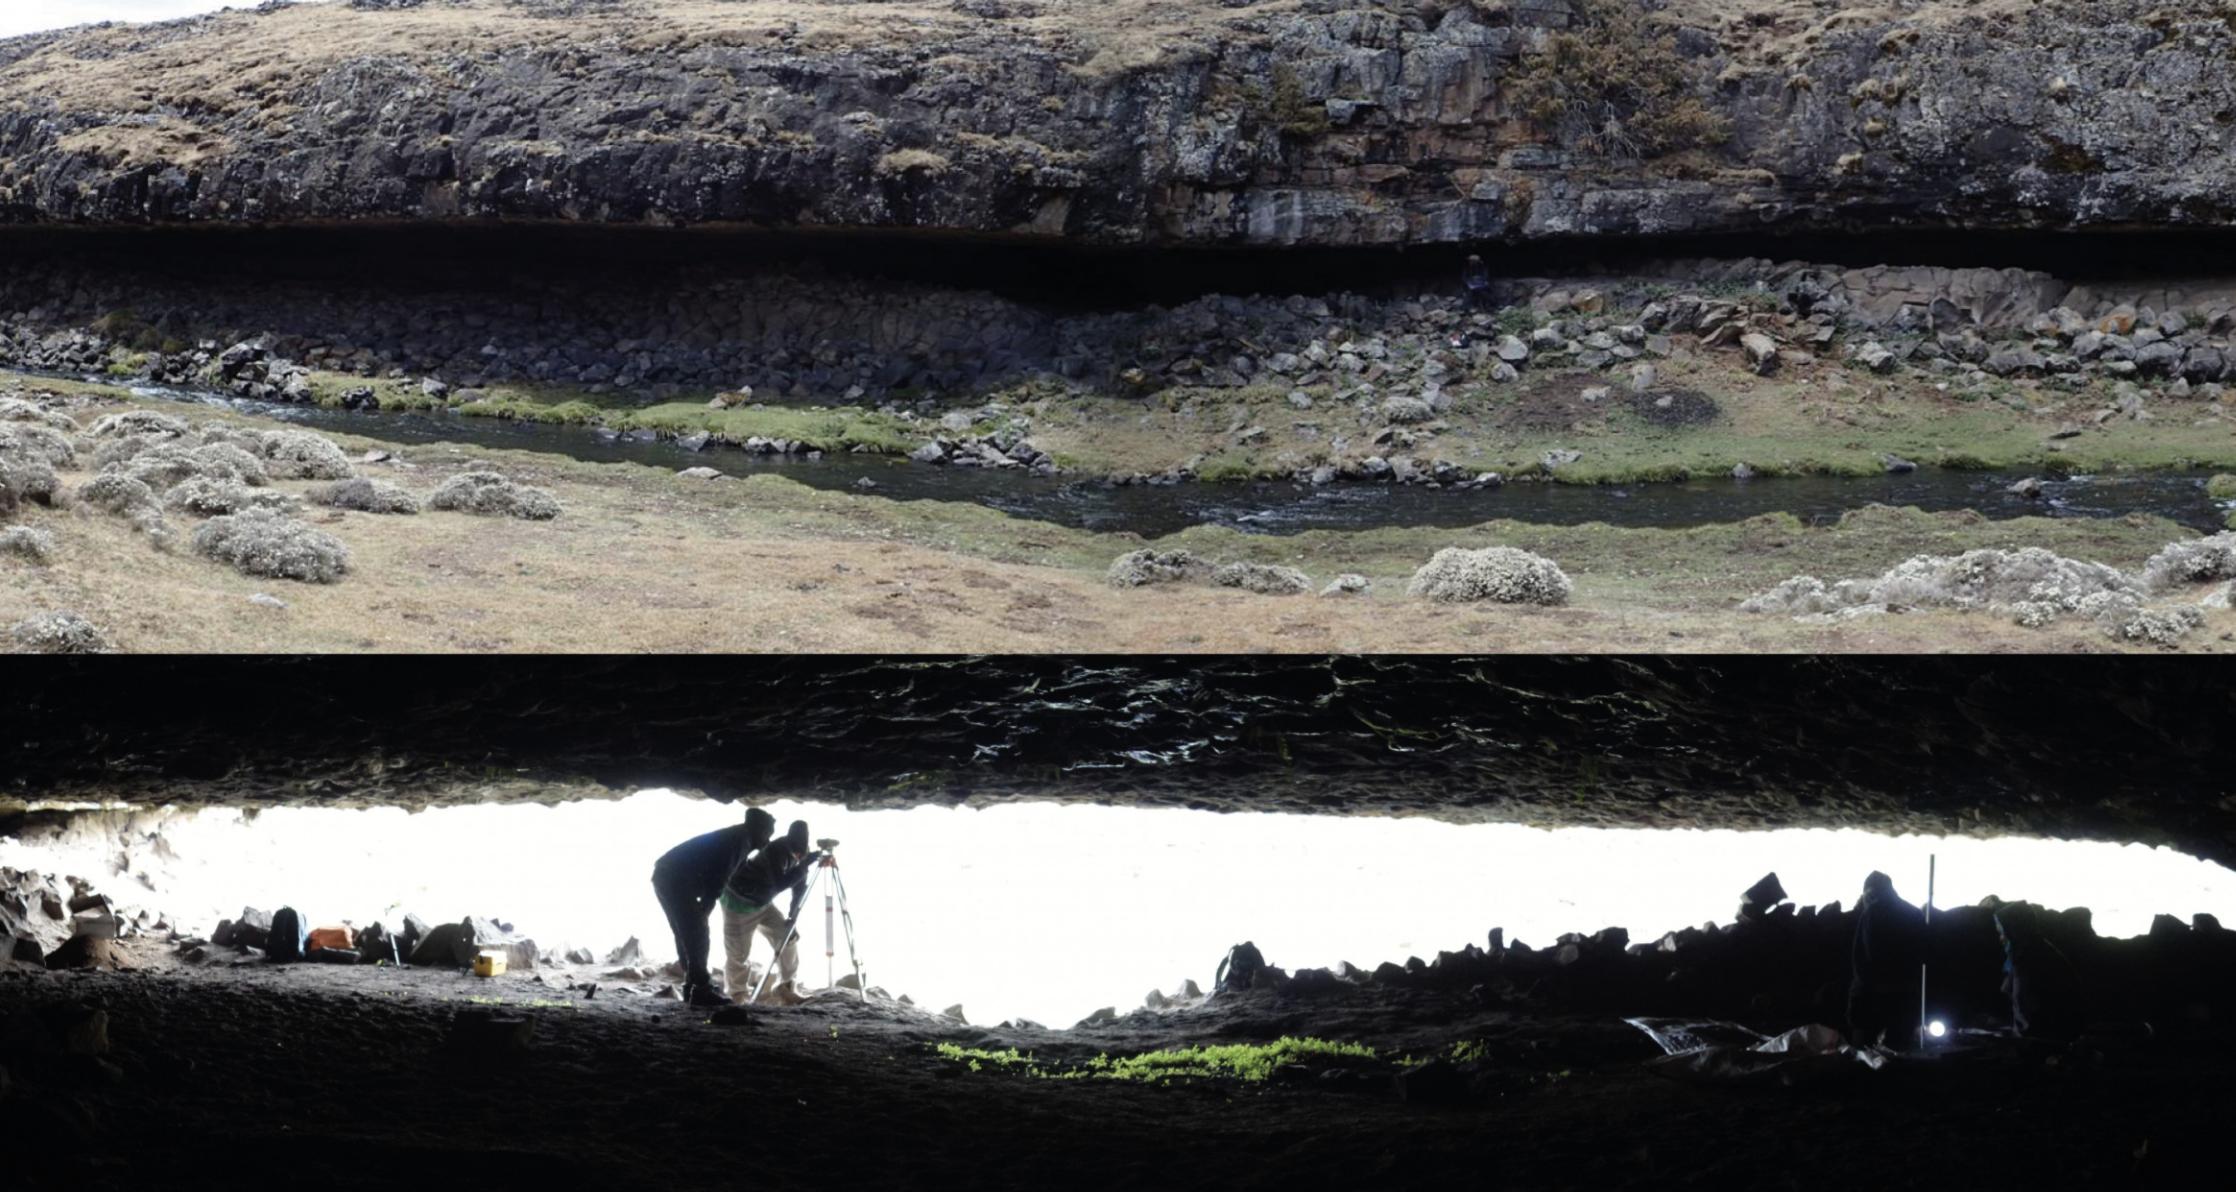 В Эфиопии найдено древнейшее высокогорное человеческое поселение